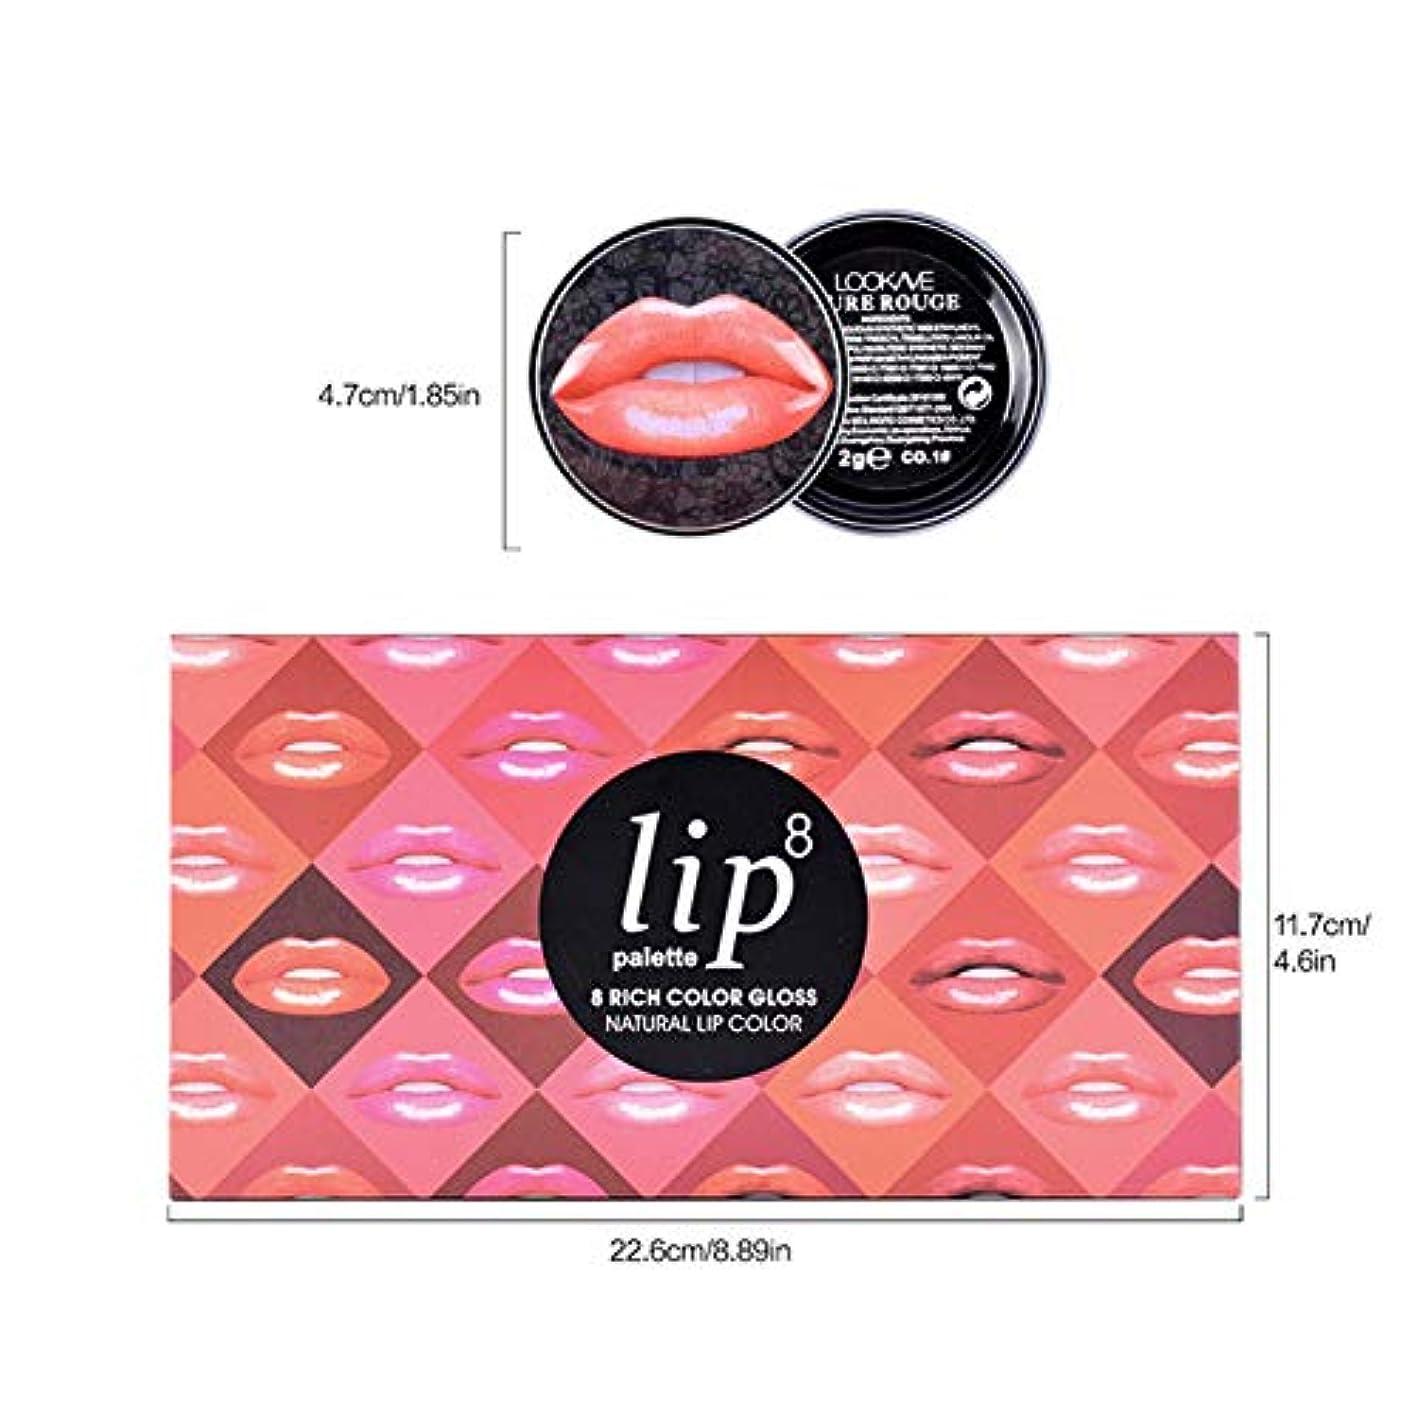 飢貸し手うがいリップブラシが付いている8 PCのマットの口紅セット-長続きがする唇の構造セットは色あせた口紅を衰退させません